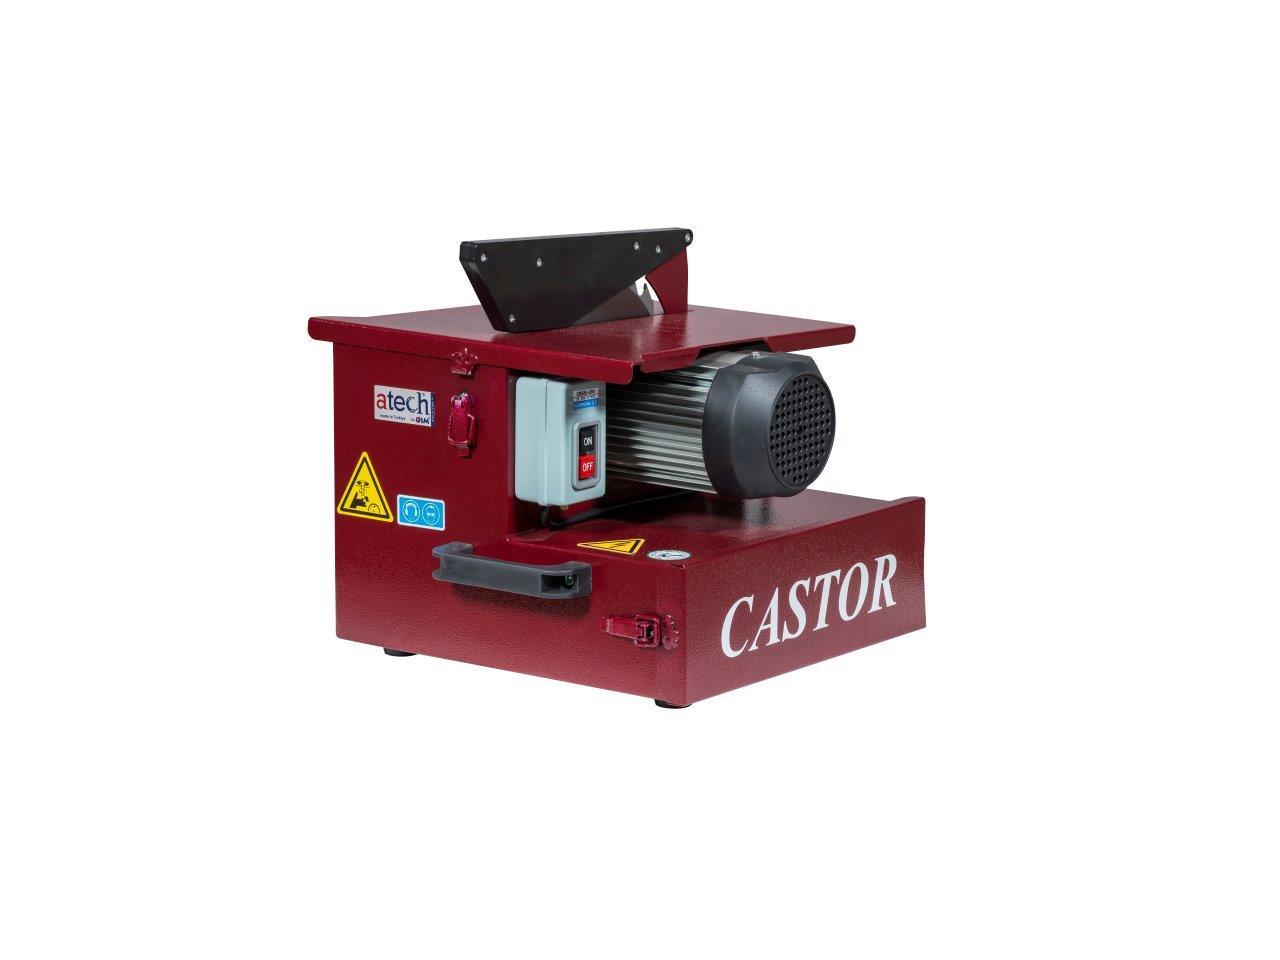 Castor_1